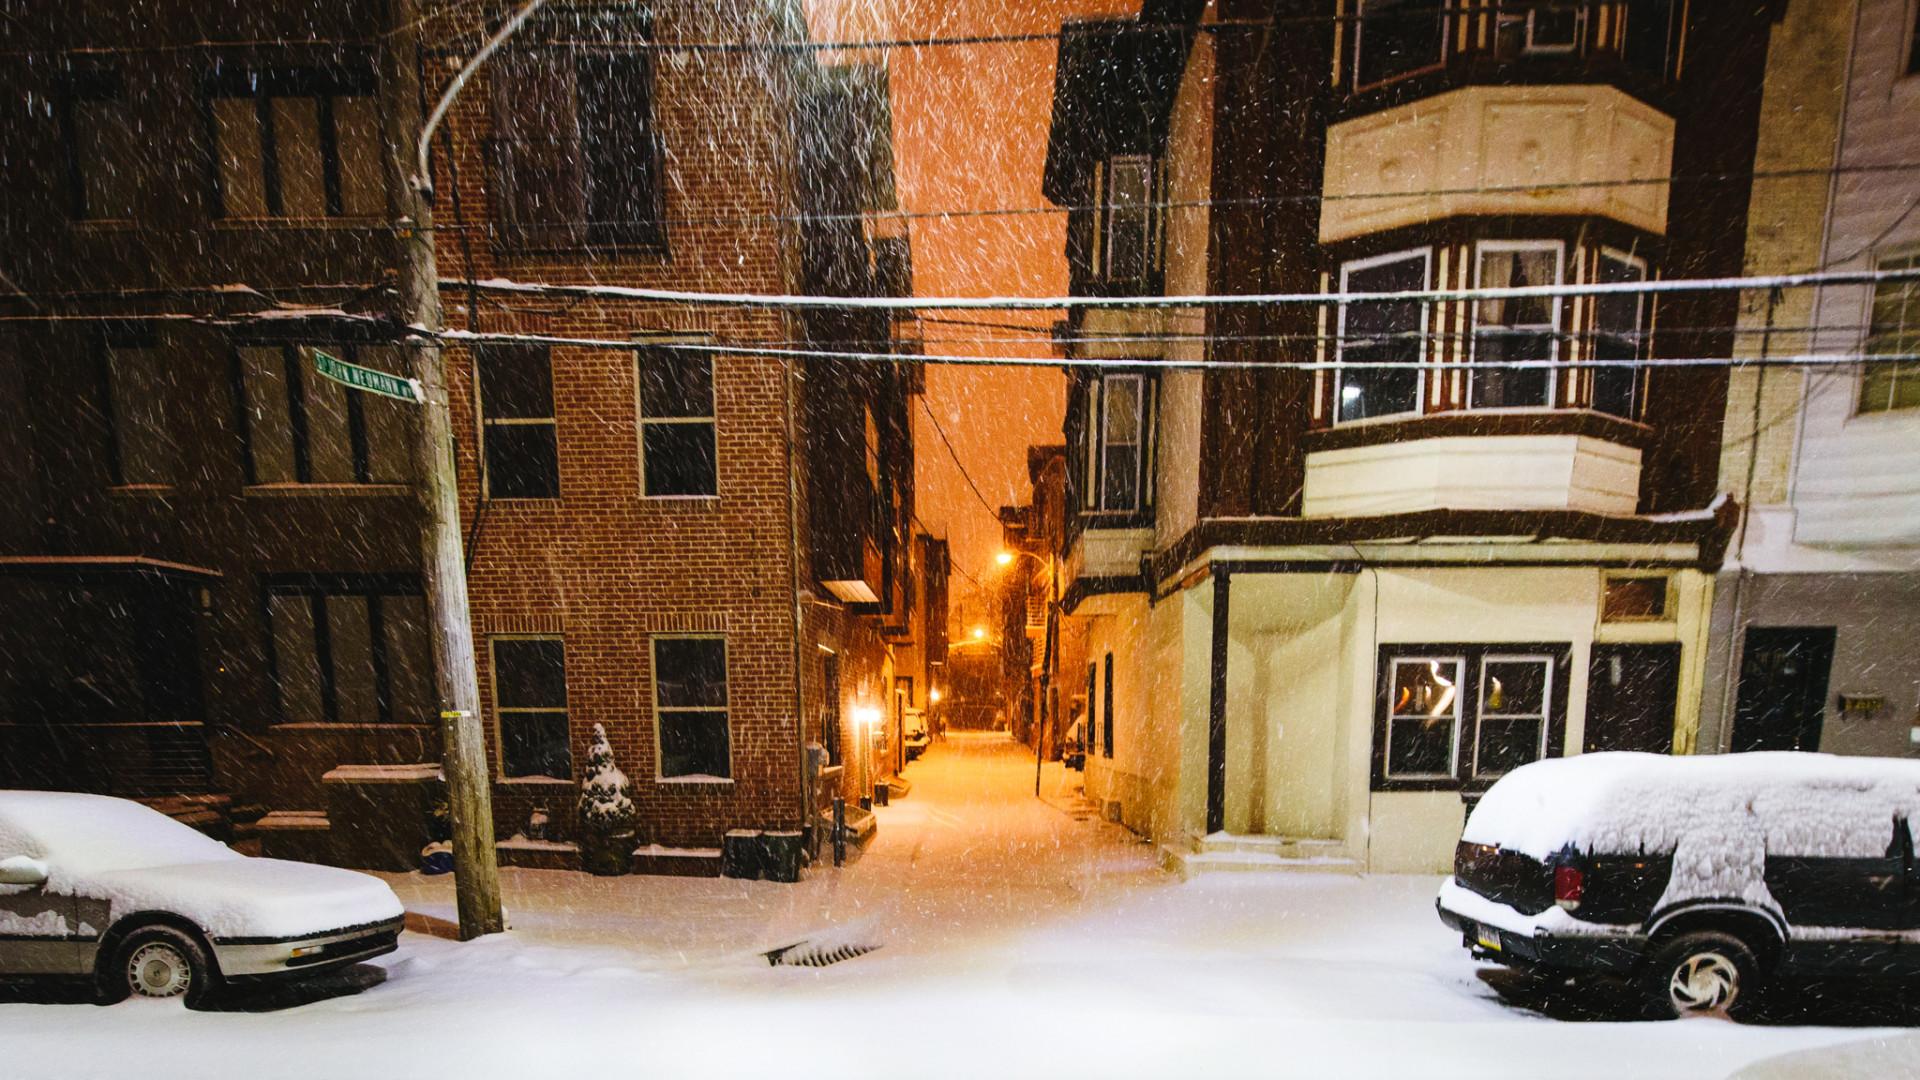 Snowstorm_GARFINKEL-15